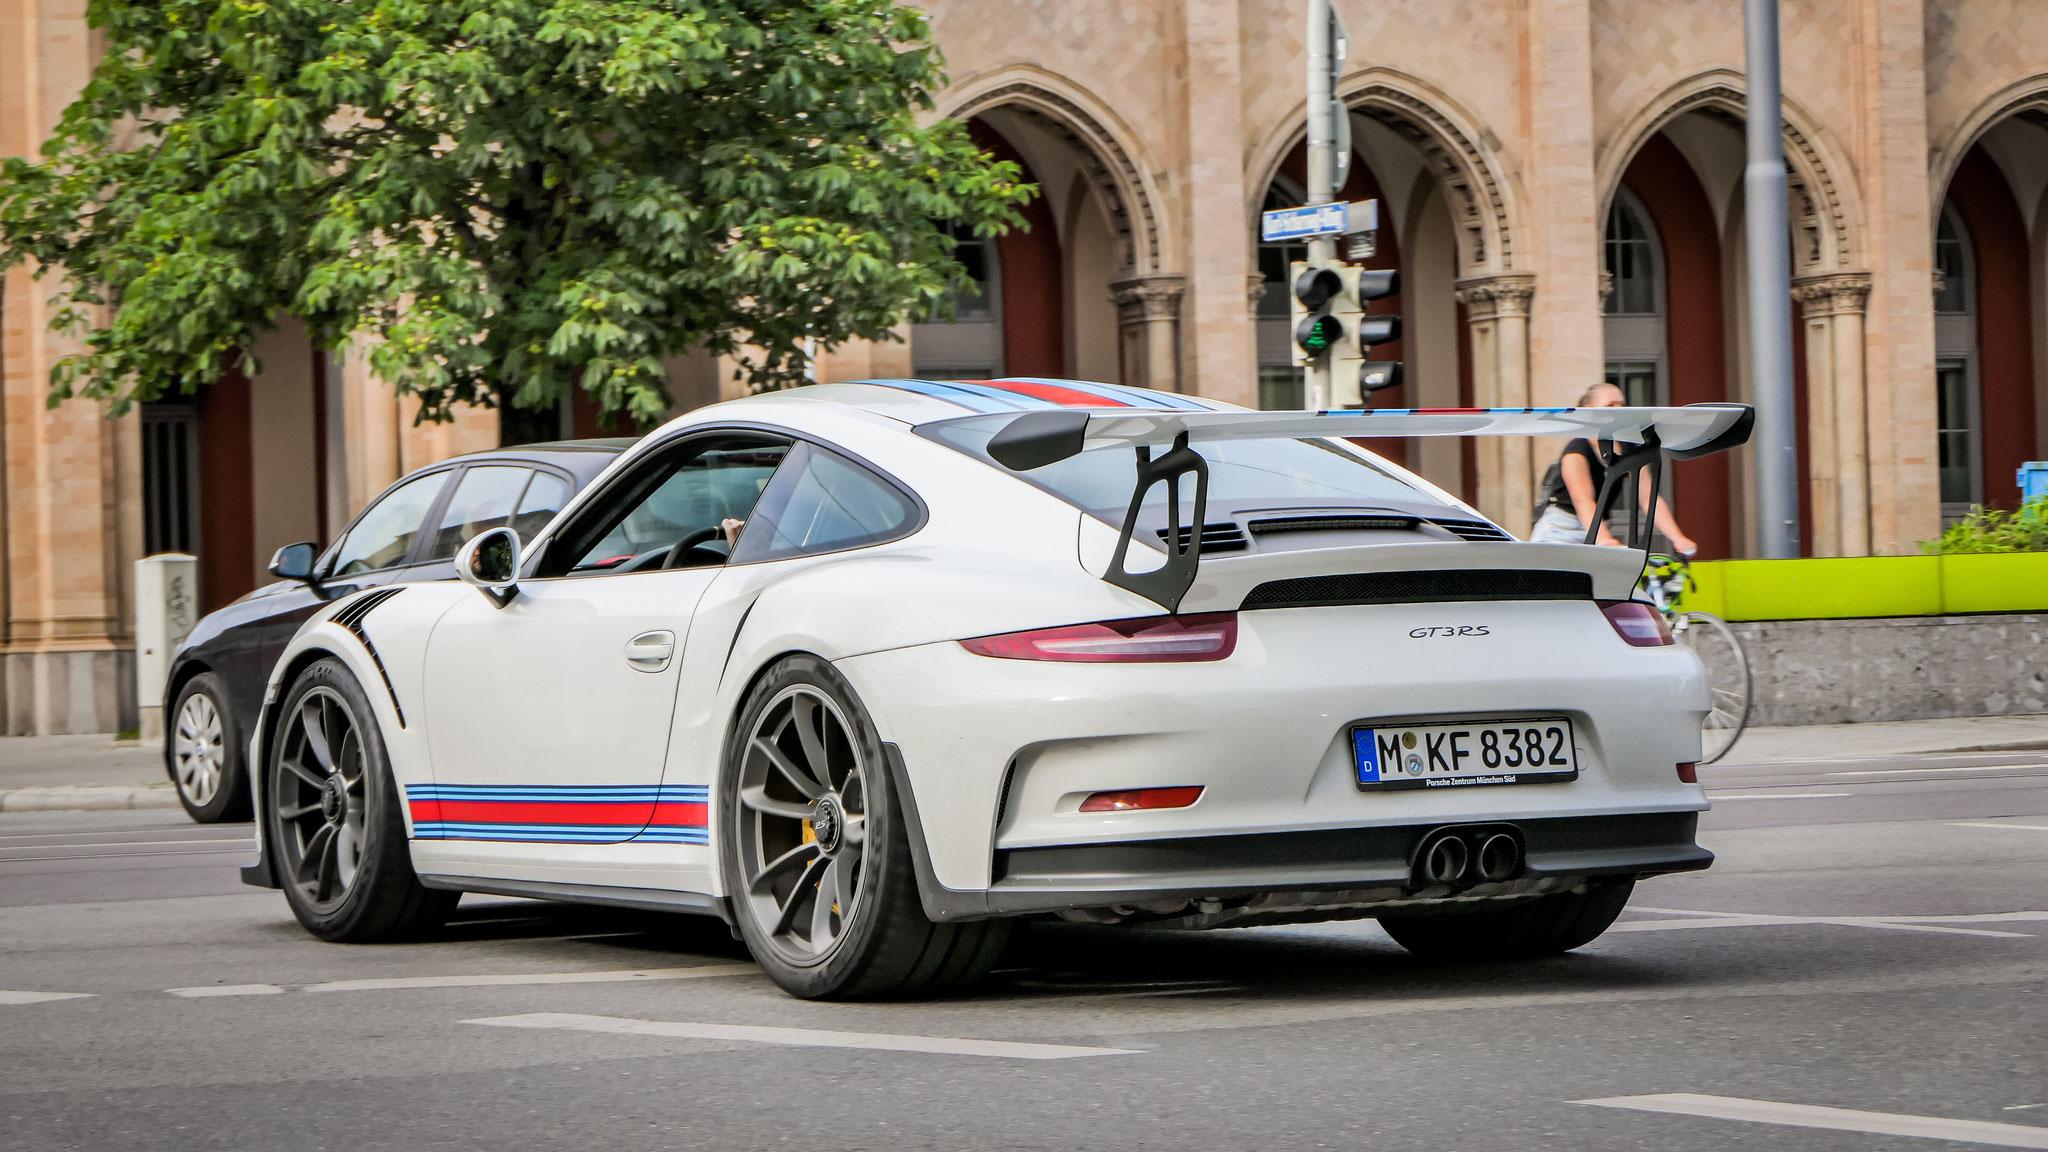 Porsche 911 GT3 RS - M-K-8382